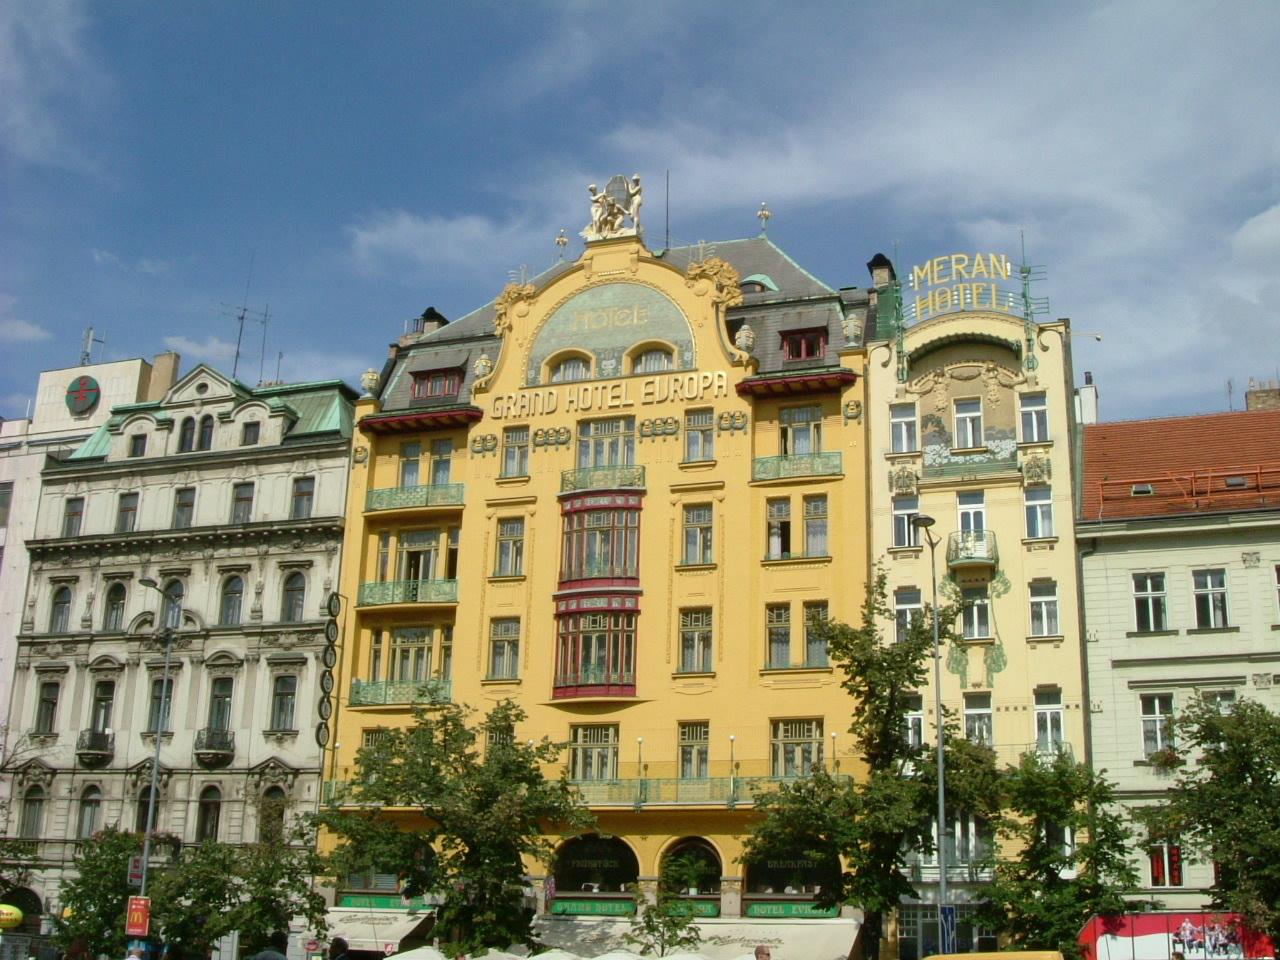 Hotel Europa - O călătorie arhitecturală prin Praga, orașul celor 100 de clopotnițe - partea a II-a